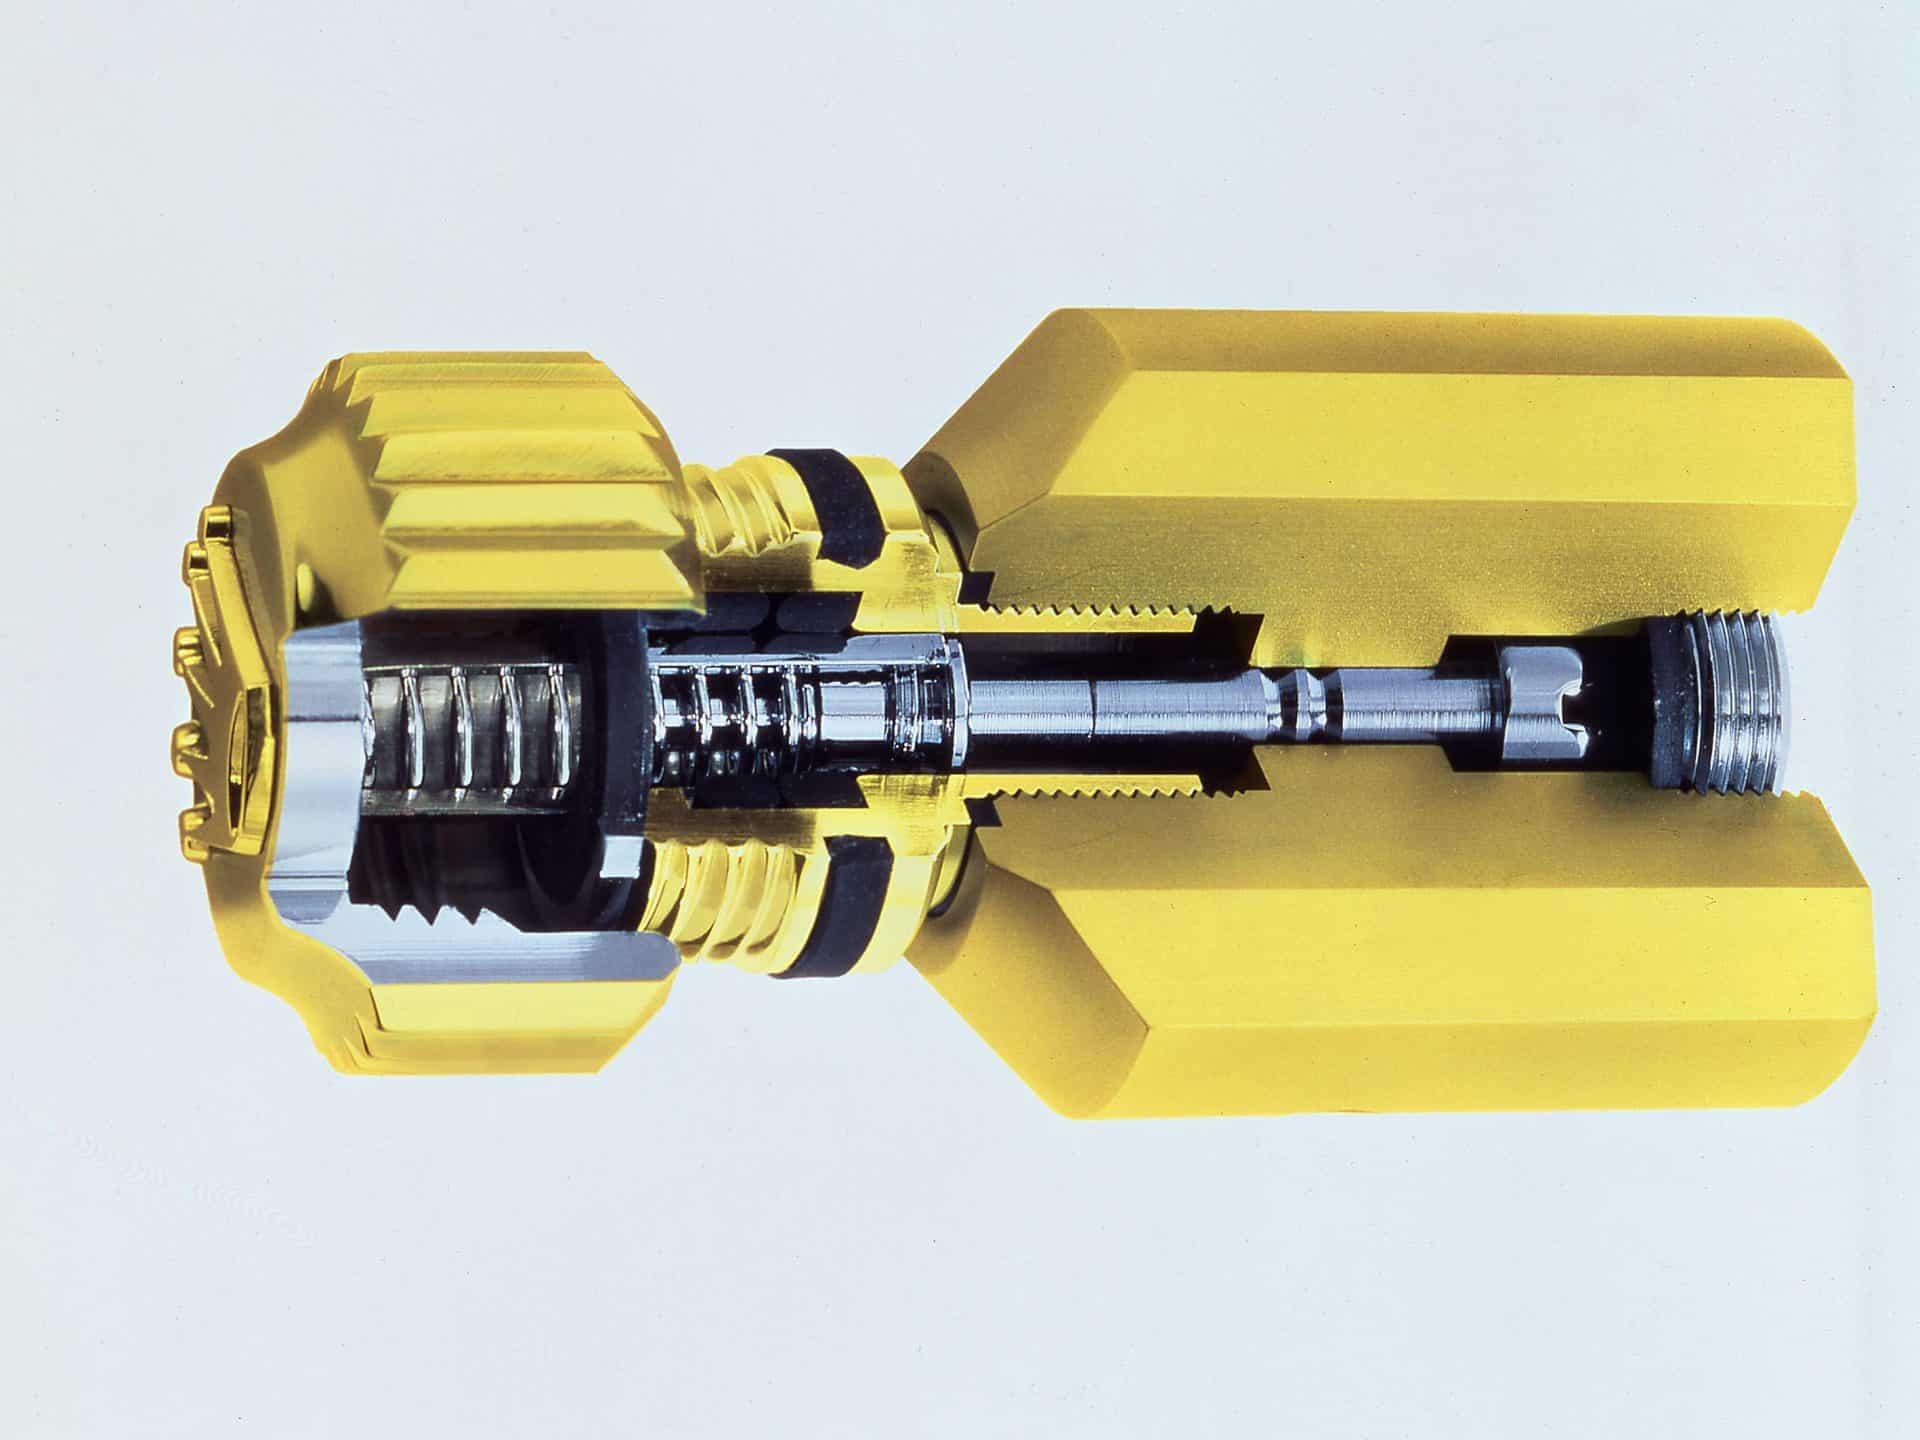 Absolut dicht bis mehrere hundert Meter Wassertiefe - das Rolex Triplock System im Aufbau.